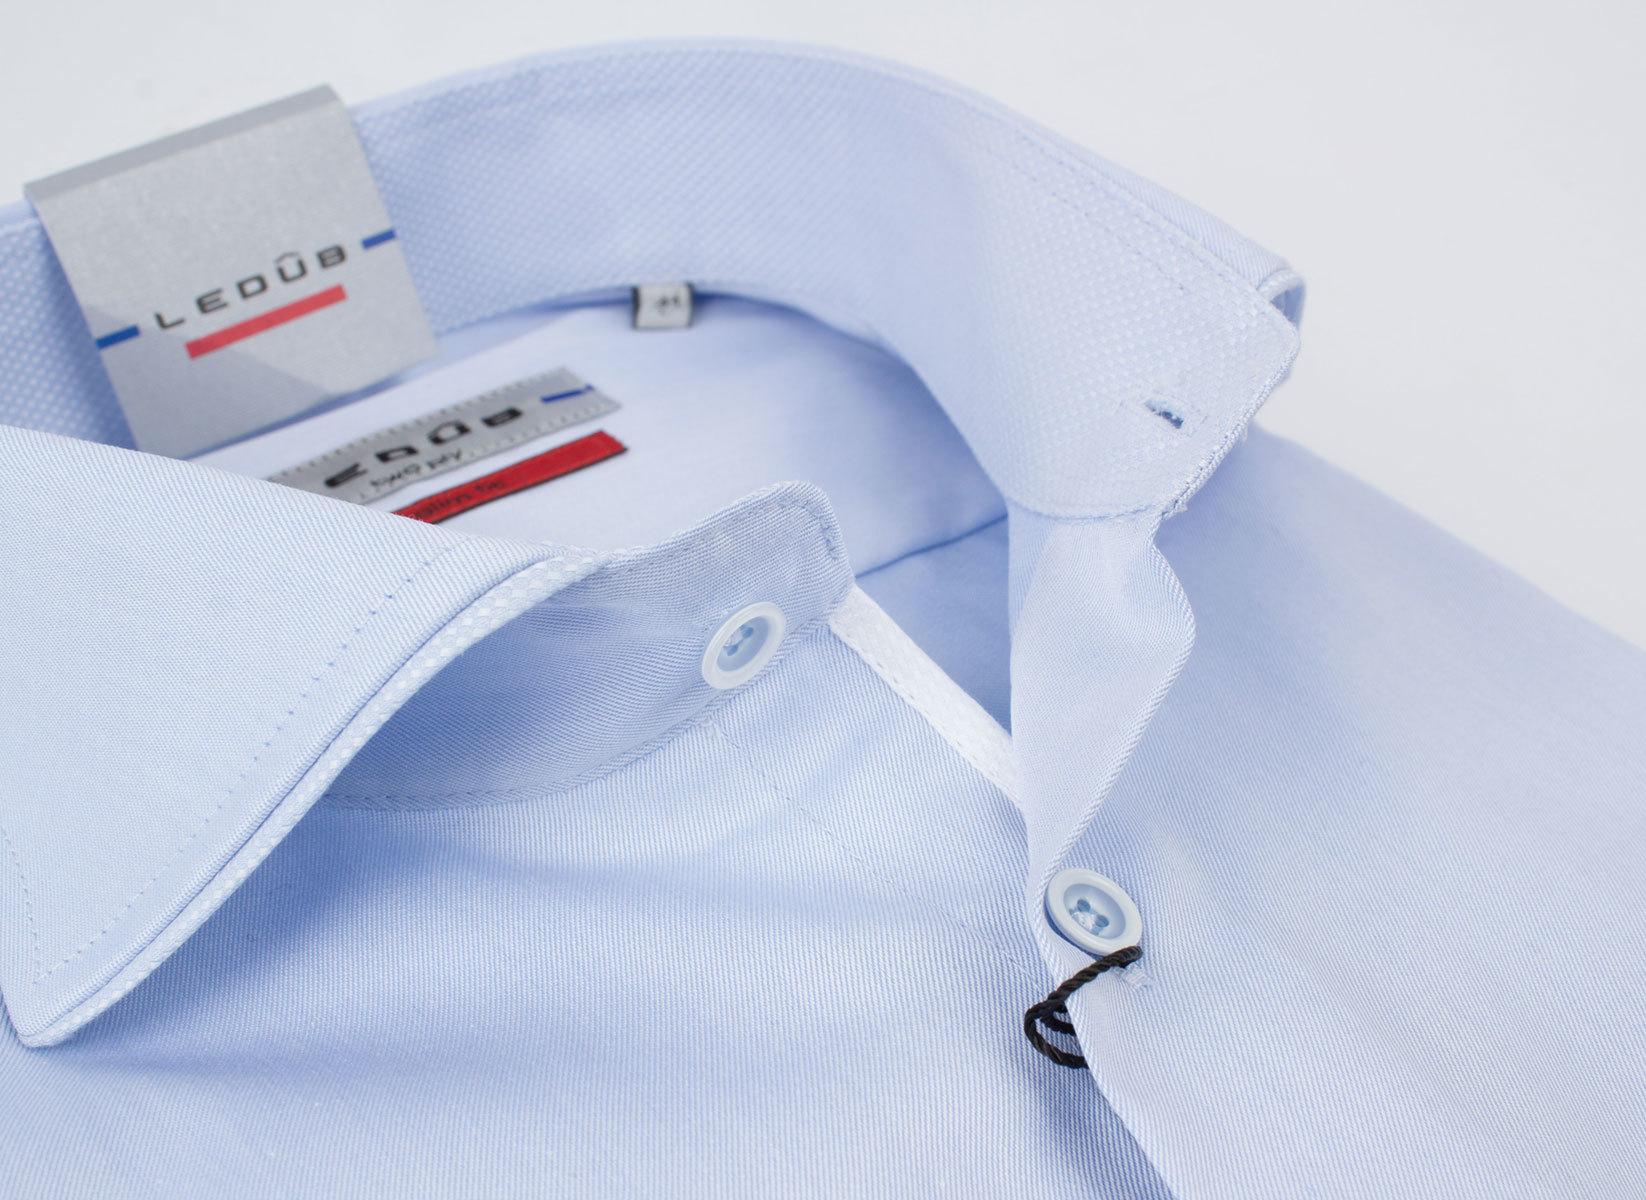 Рубашка Ledub slim fit 0135786-120-120-910-SF-Blue